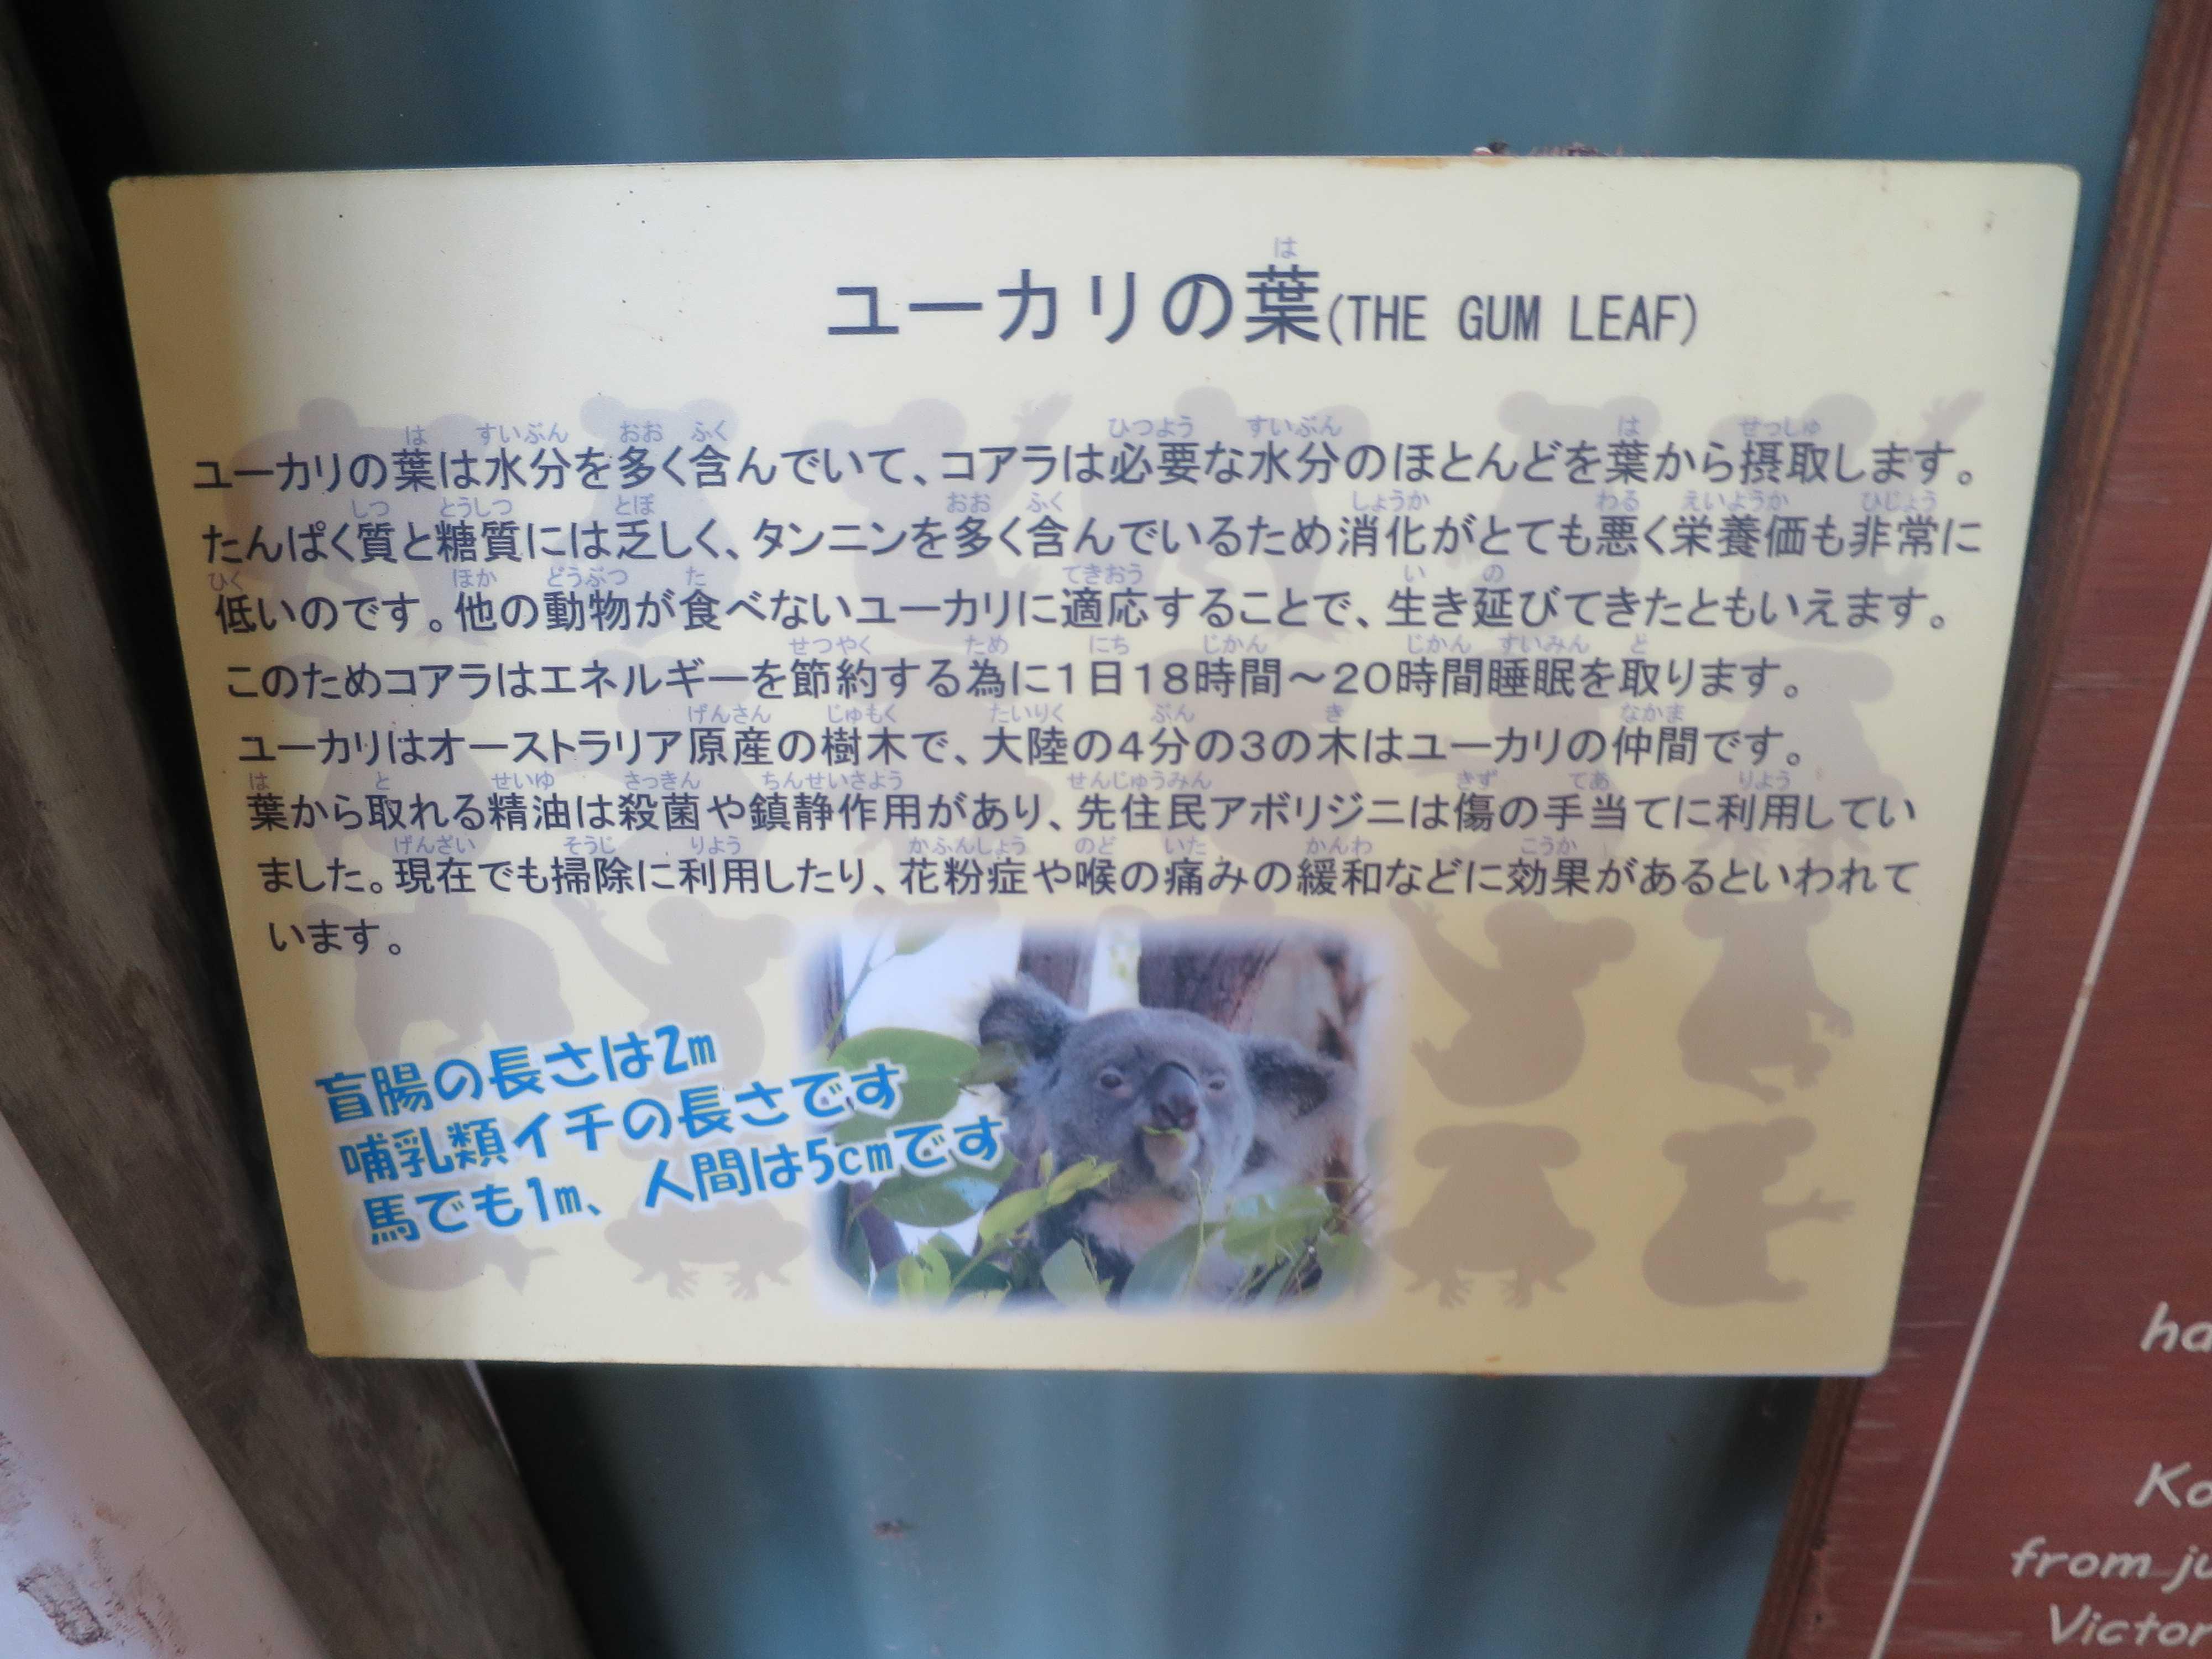 ケアンズ動物園 - ユーカリの葉(THE GUM LEAF)